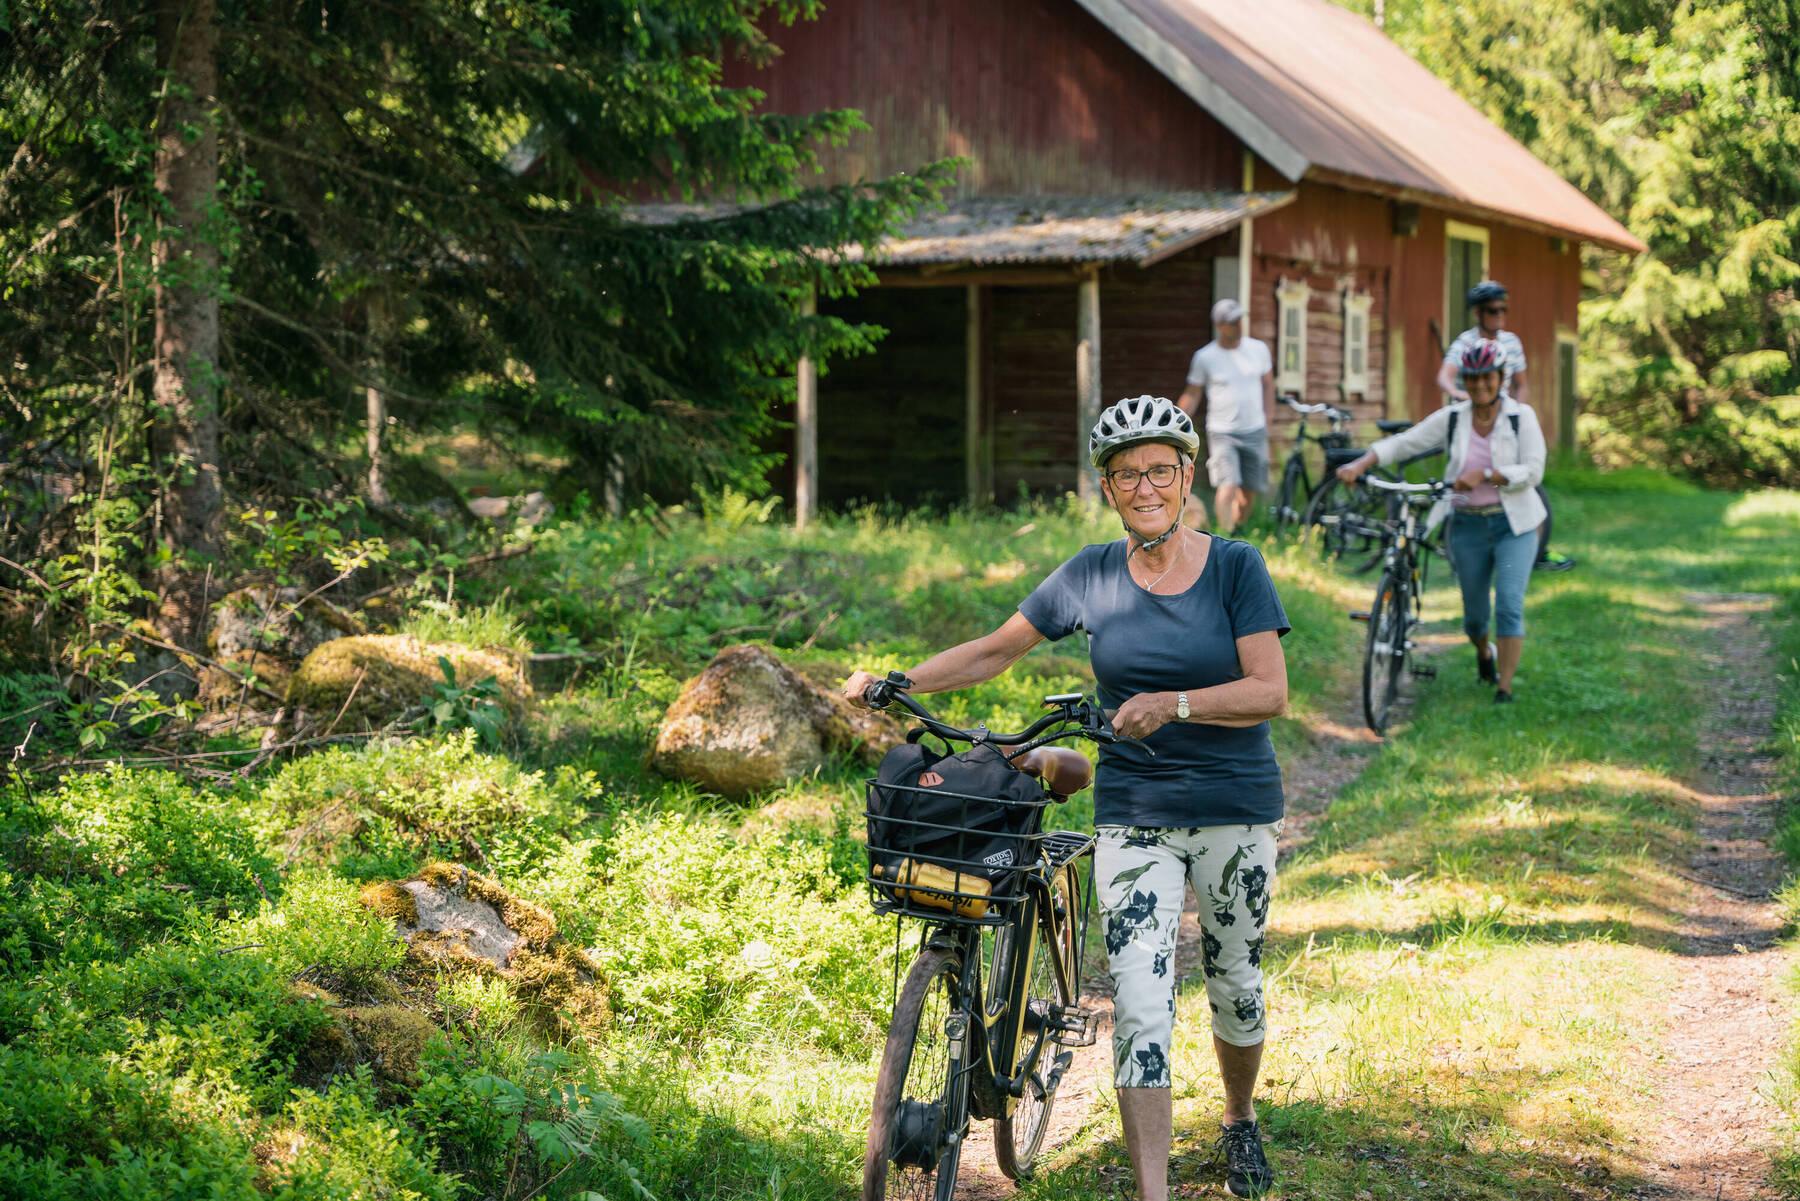 Cykla i Mullsjö småland